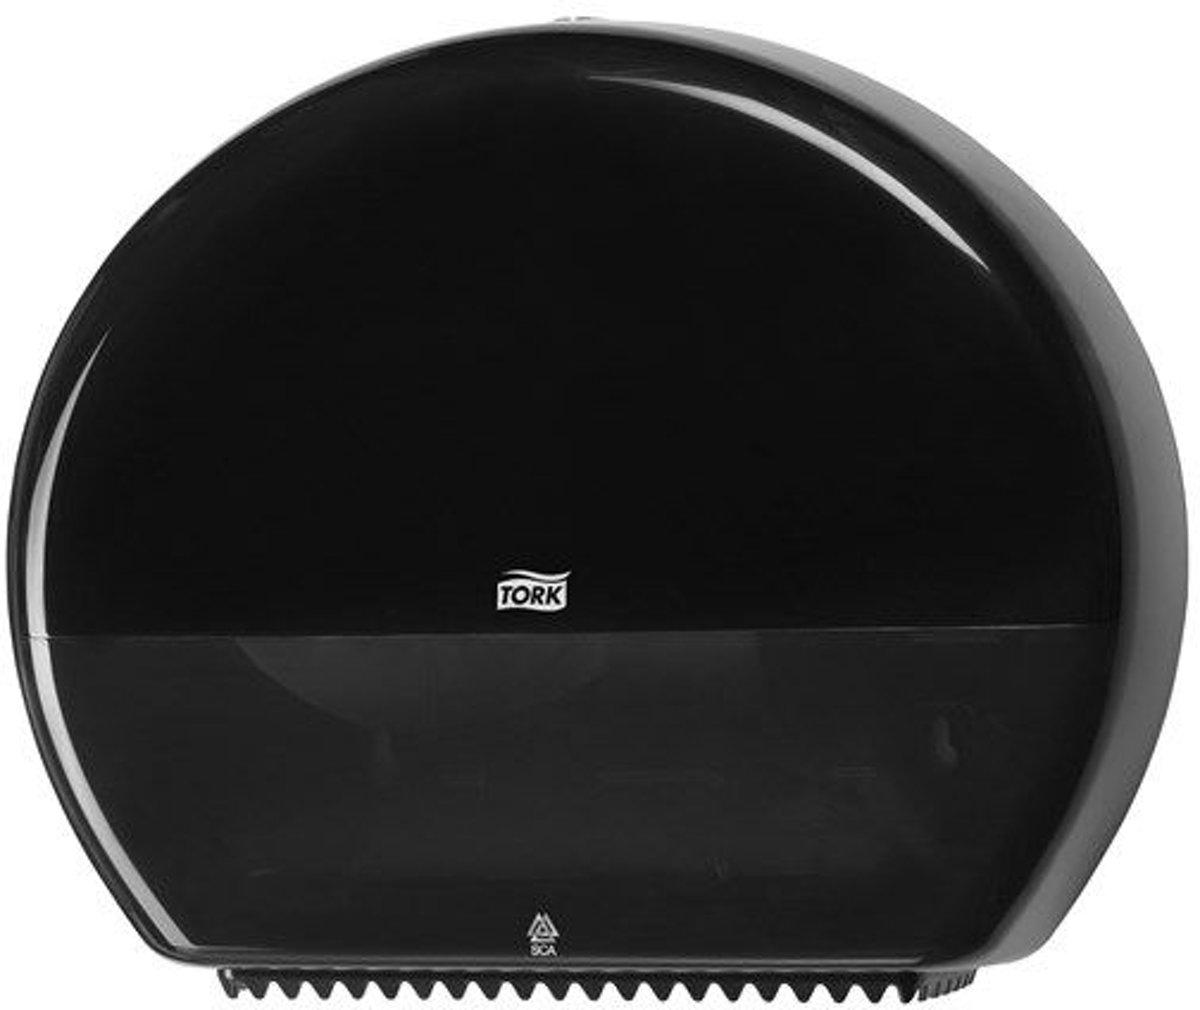 Tork Jumbo Toiletpapier Dispenser Kunststof Zwart T1 kopen